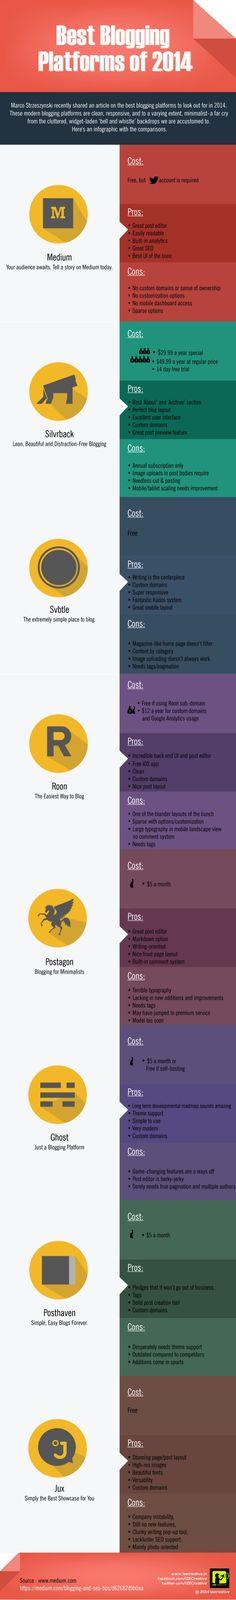 Best blogging platforms of 2014 #infographic #blogging